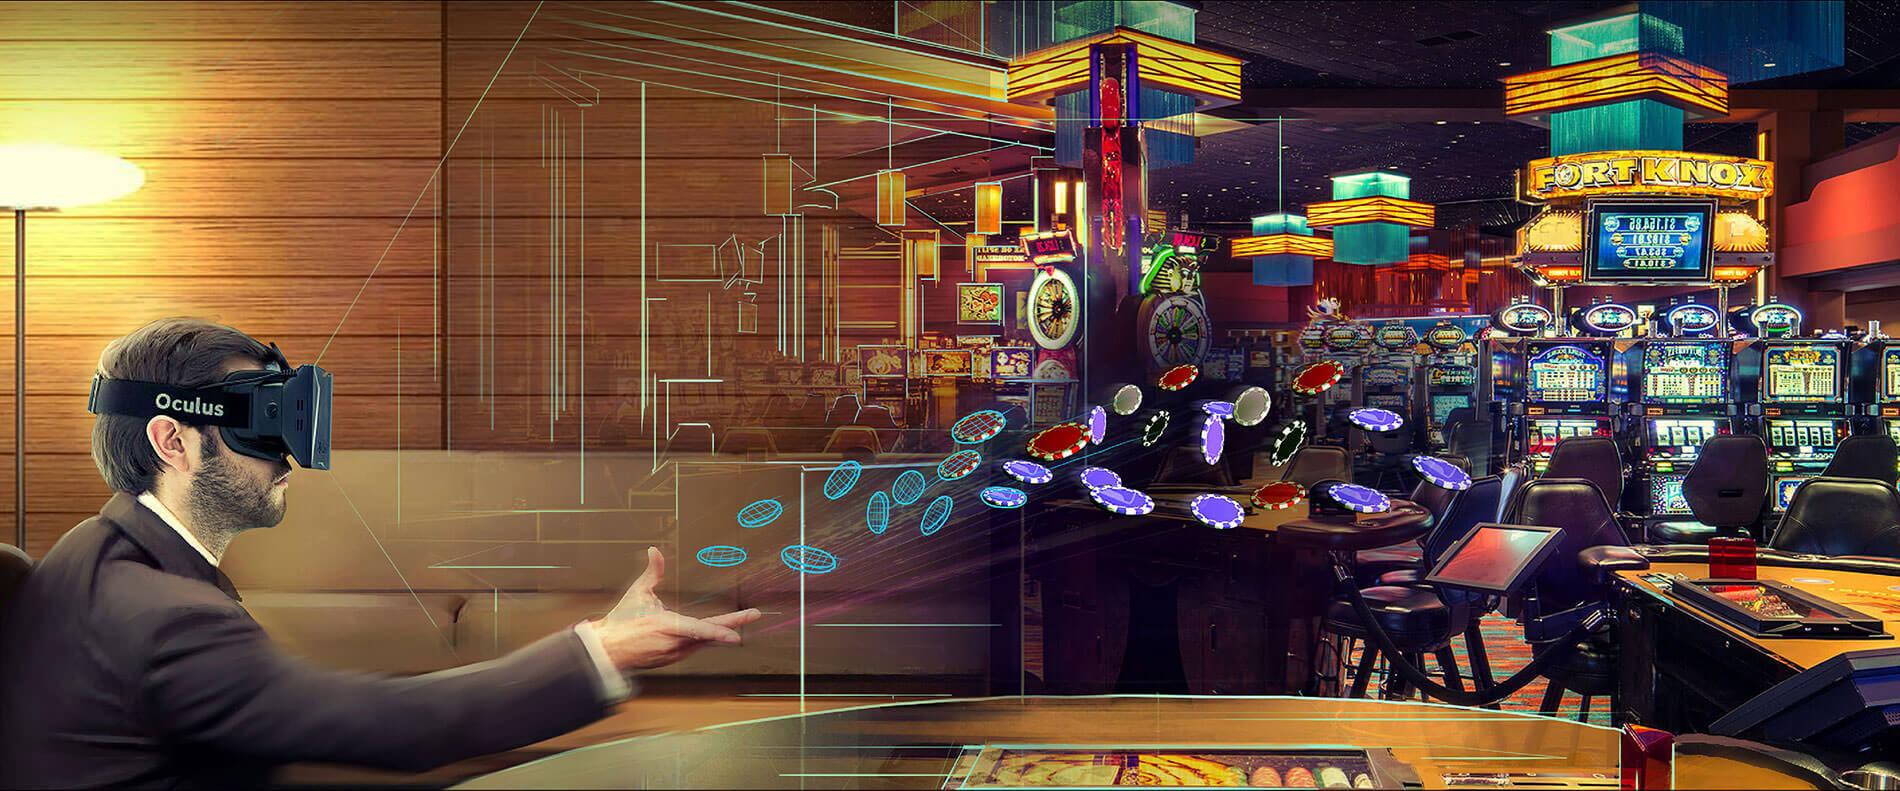 VR slot game at online casinos